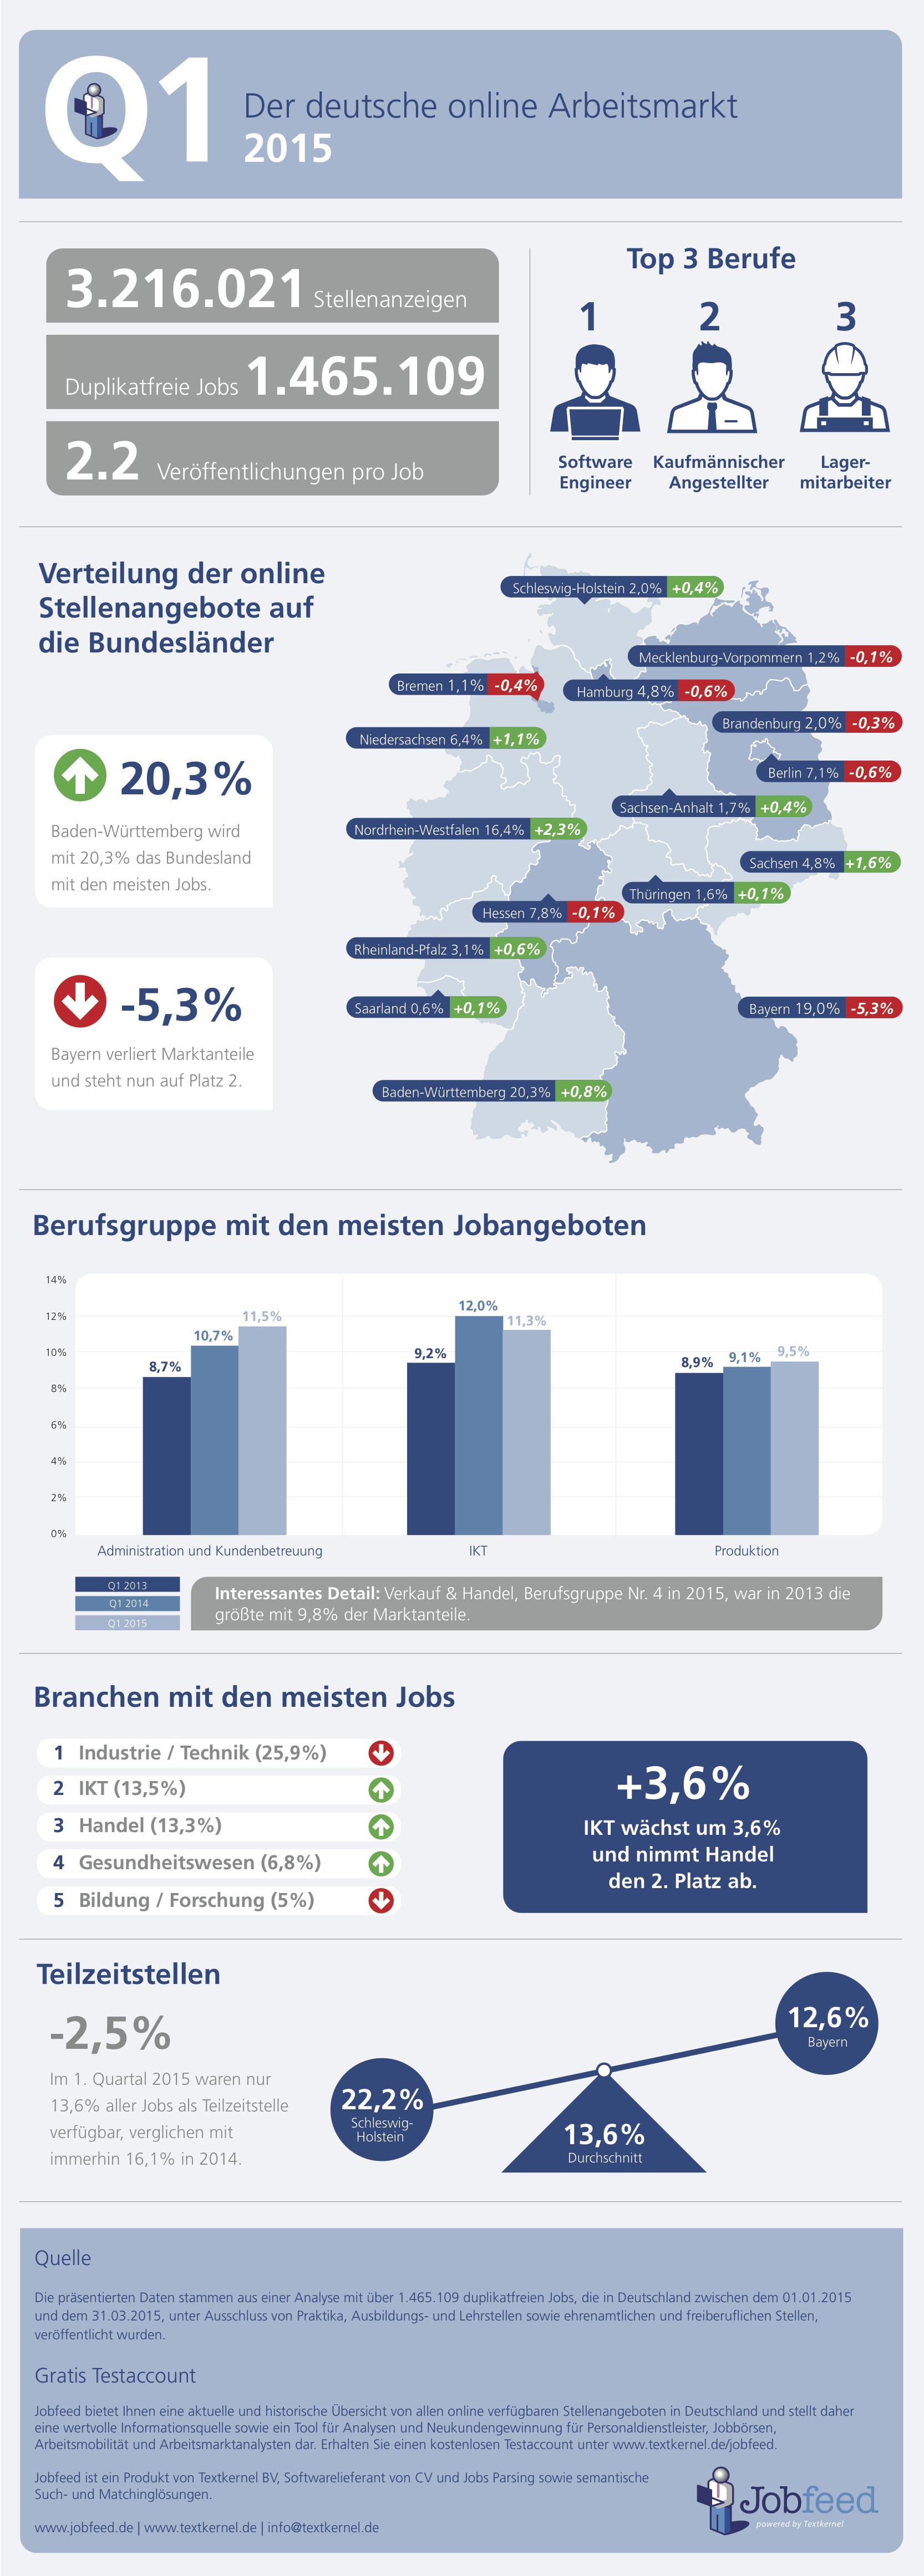 Der_deutsche_online_Arbeitsmarkt_in_Q1_2015-Jobfeed